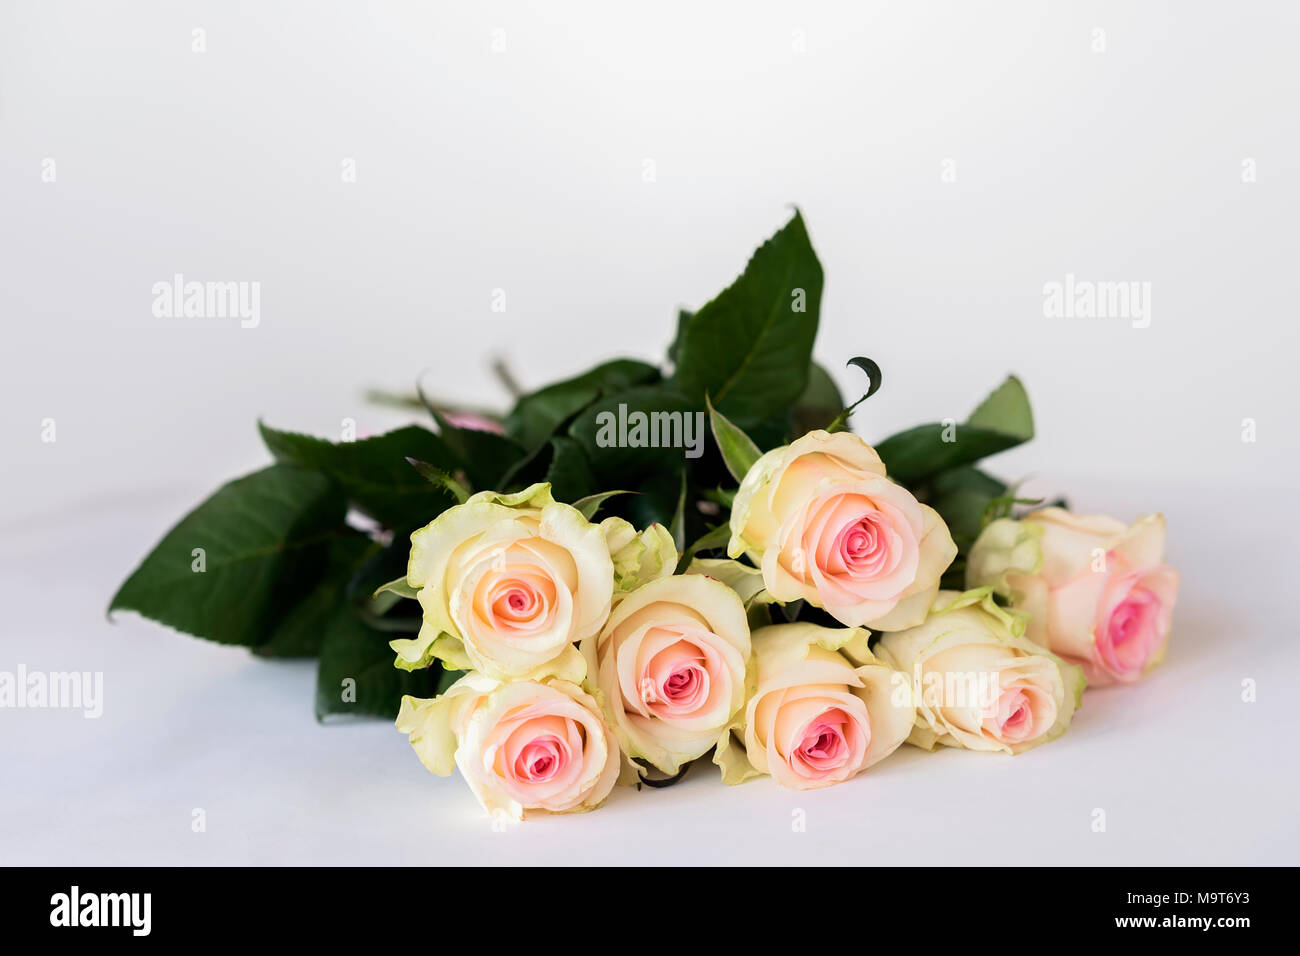 Romantische Bluhenden Zarten Cremefarbenen Rosen Blumenstrauss Fur